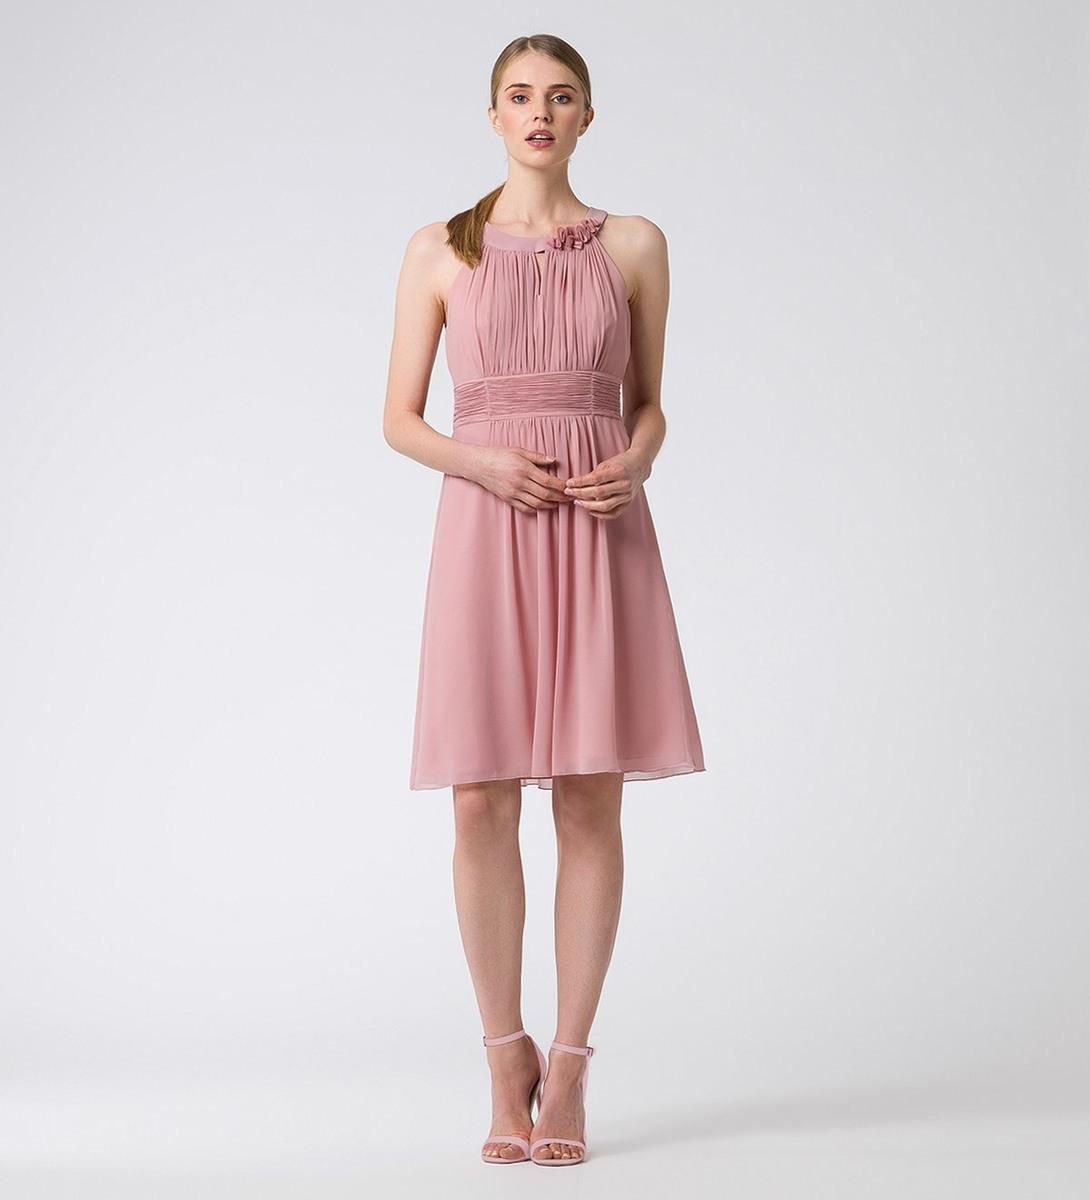 Abend Leicht Elegante Kleider Größe 40 StylishFormal Wunderbar Elegante Kleider Größe 40 Galerie